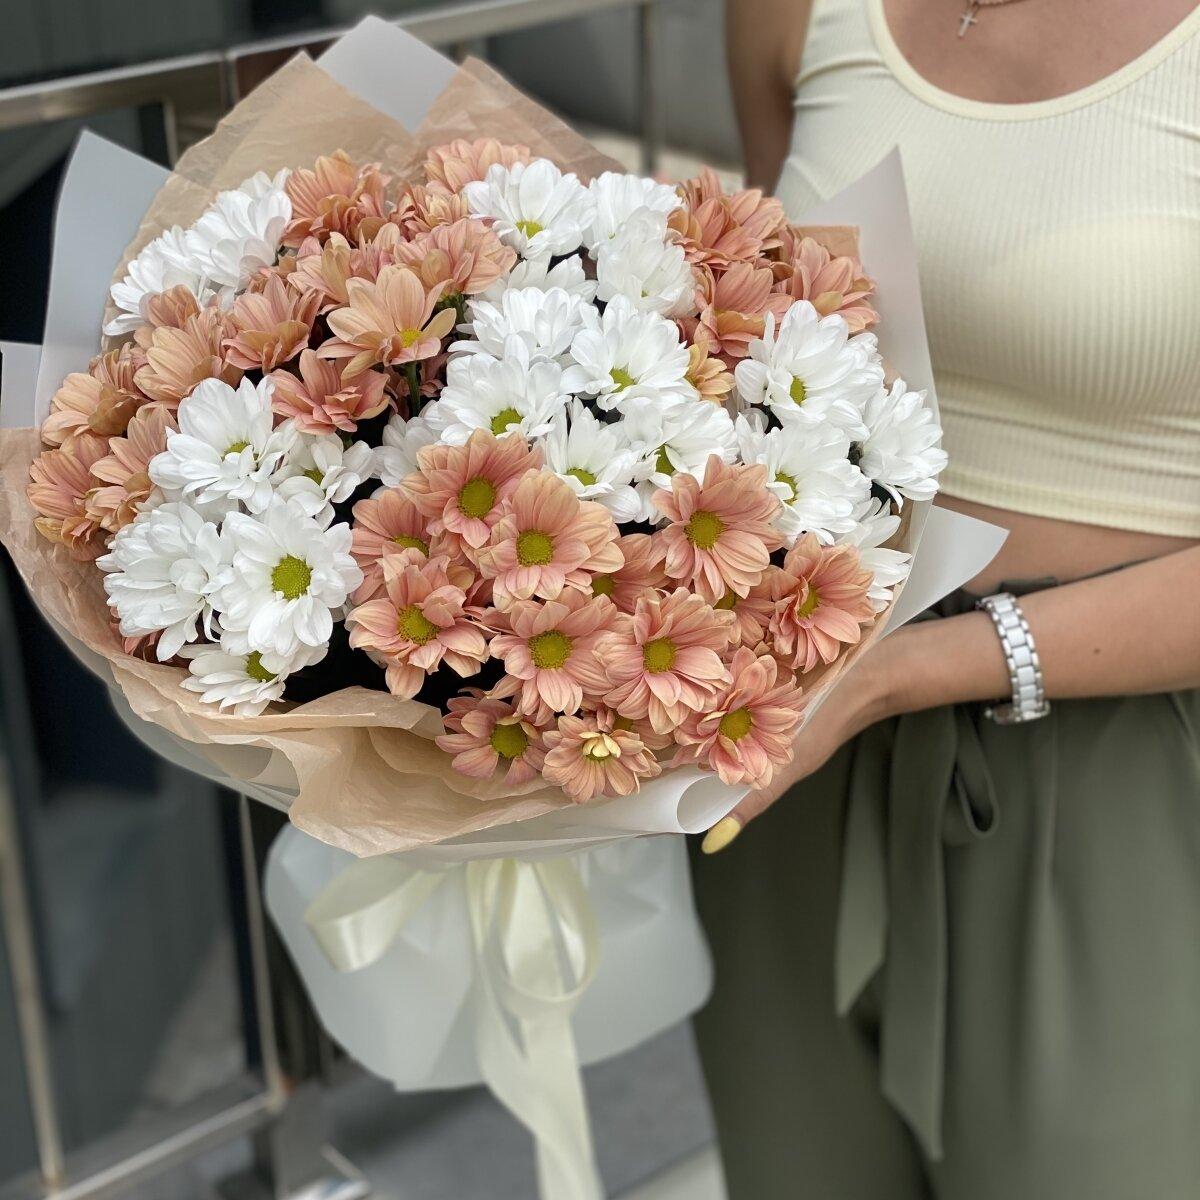 Букет Дуэт из персиковой и белой ромашковой хризантемы